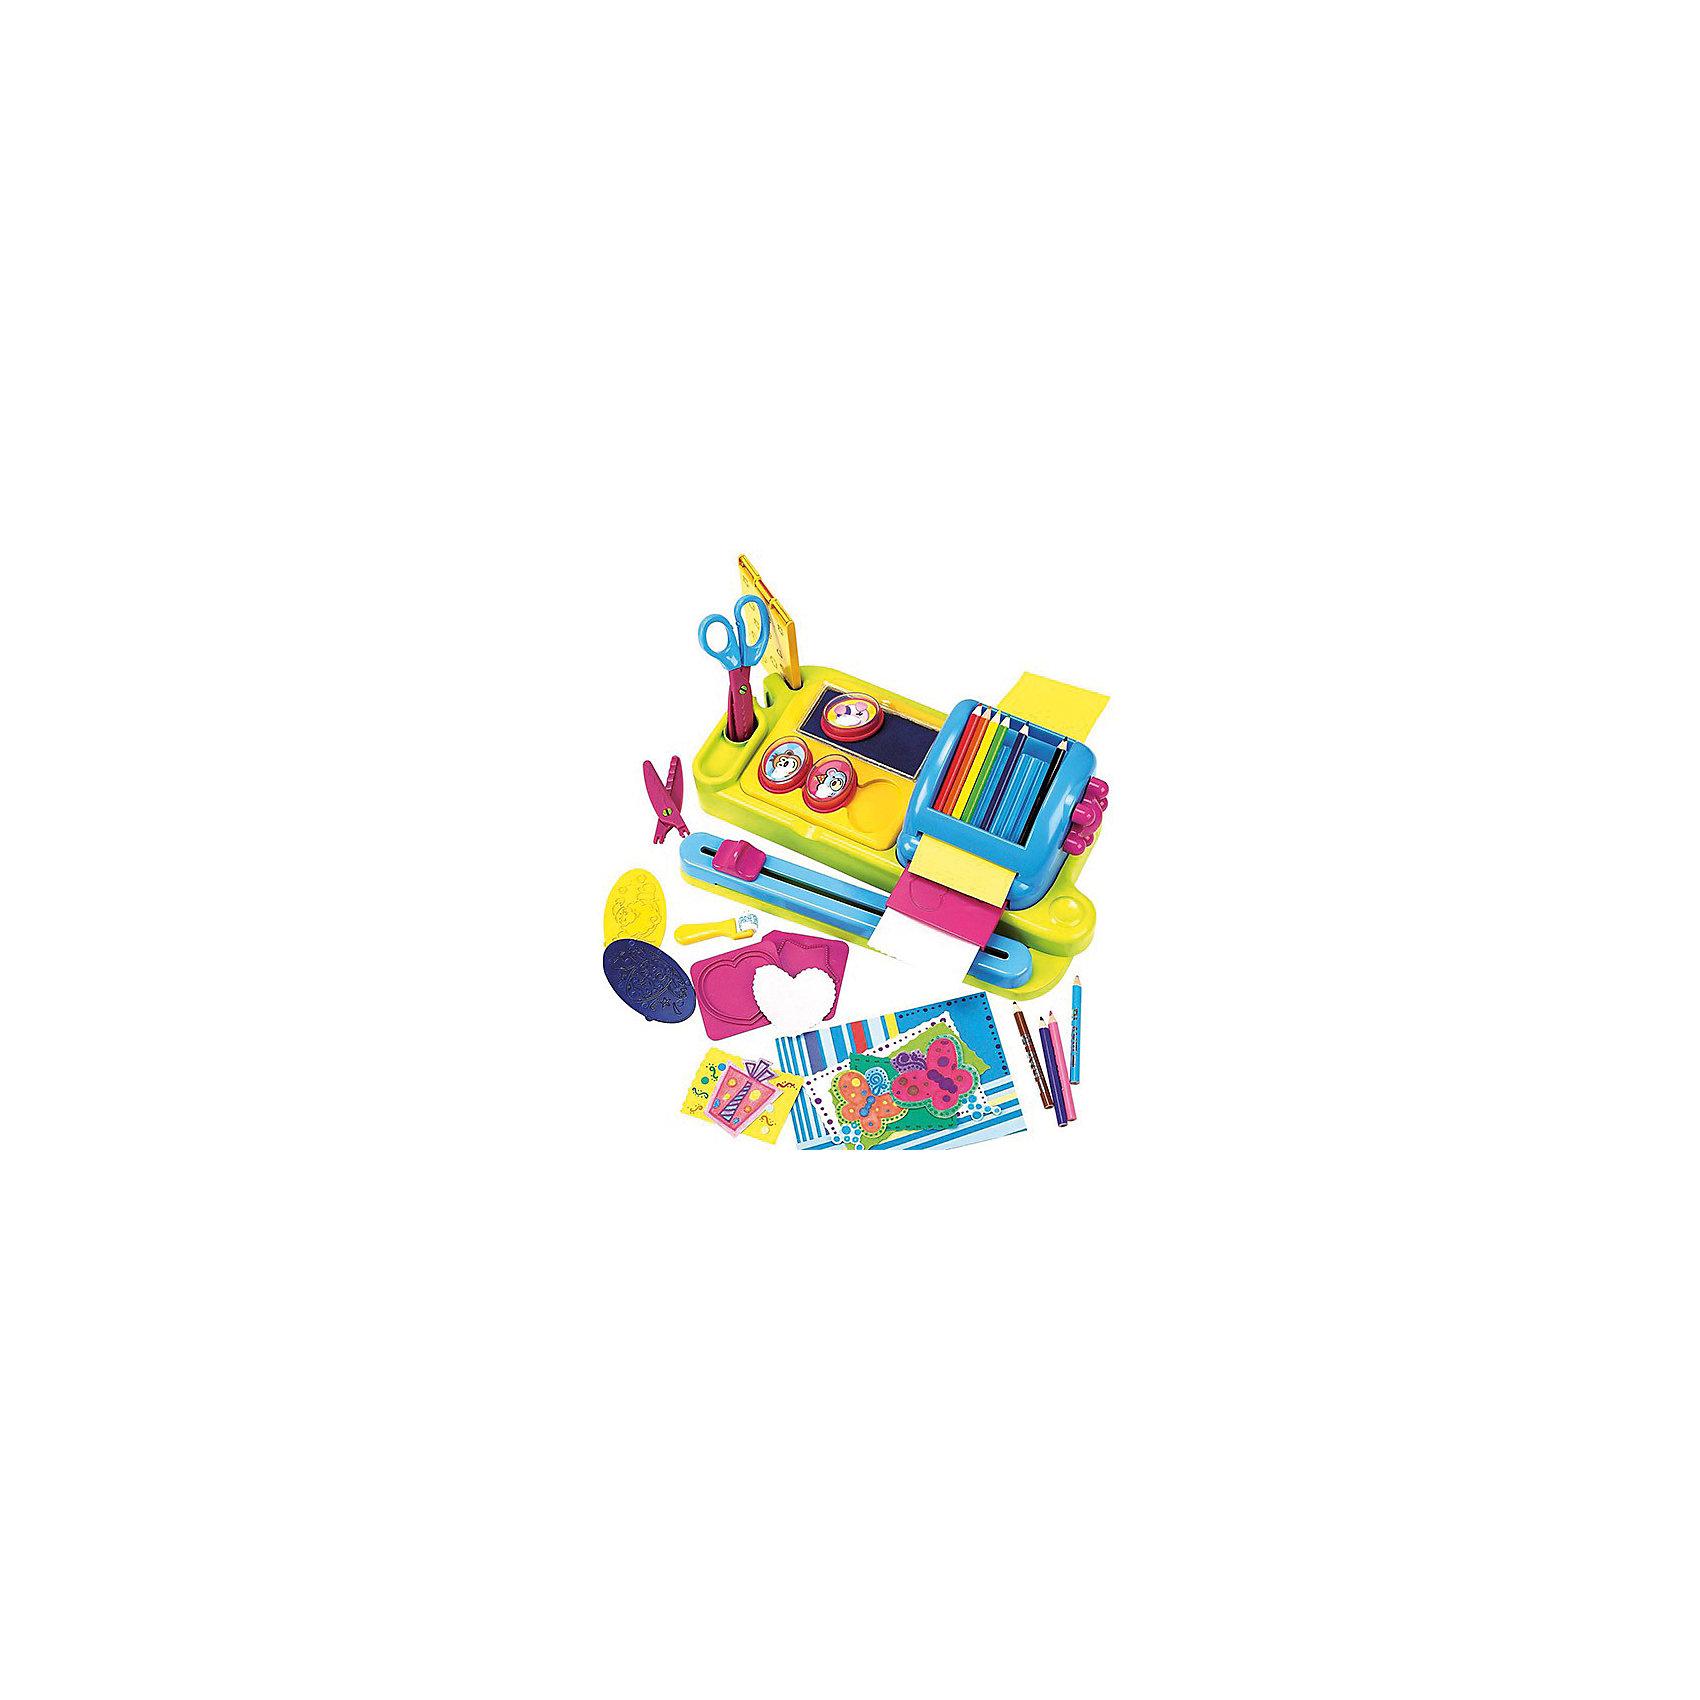 Аппликация Бумажная фантазия, PlayGoВ комплекте имеются все составляющие для того, чтобы своими руками сделать эксклюзивные поделки на основе бумаги, используя при этом штампы, фигурные ножницы и цветные карандаши. Ребенок сможет получить массу положительных эмоций, а также широкий простор для творчества. Игровой набор Бумажная фантазия от PlayGo развивает: мелкую моторику, усидчивость, художественный вкус, воображение, аккуратность.&#13;<br><br>Дополнительная информация:<br><br>В комплекте: 6 формочек для тиснения (например, сердечко, звездочка и др.), 3 штампа с забавными зверюшками, 10 цветных карандашей, фигурные ножницы и 2 насадки к ним, подставки под карандаши, штампики, подушечки штампов, листы белой и цветной бумаги, валик для раскрашивания.&#13;<br>Размер упаковки: 42x10x32 см.<br><br>Аппликацию Бумажная фантазия, PlayGo (ПлейГо) можно купить в нашем магазине.<br><br>Ширина мм: 100<br>Глубина мм: 320<br>Высота мм: 420<br>Вес г: 1400<br>Возраст от месяцев: 36<br>Возраст до месяцев: 96<br>Пол: Унисекс<br>Возраст: Детский<br>SKU: 4217954